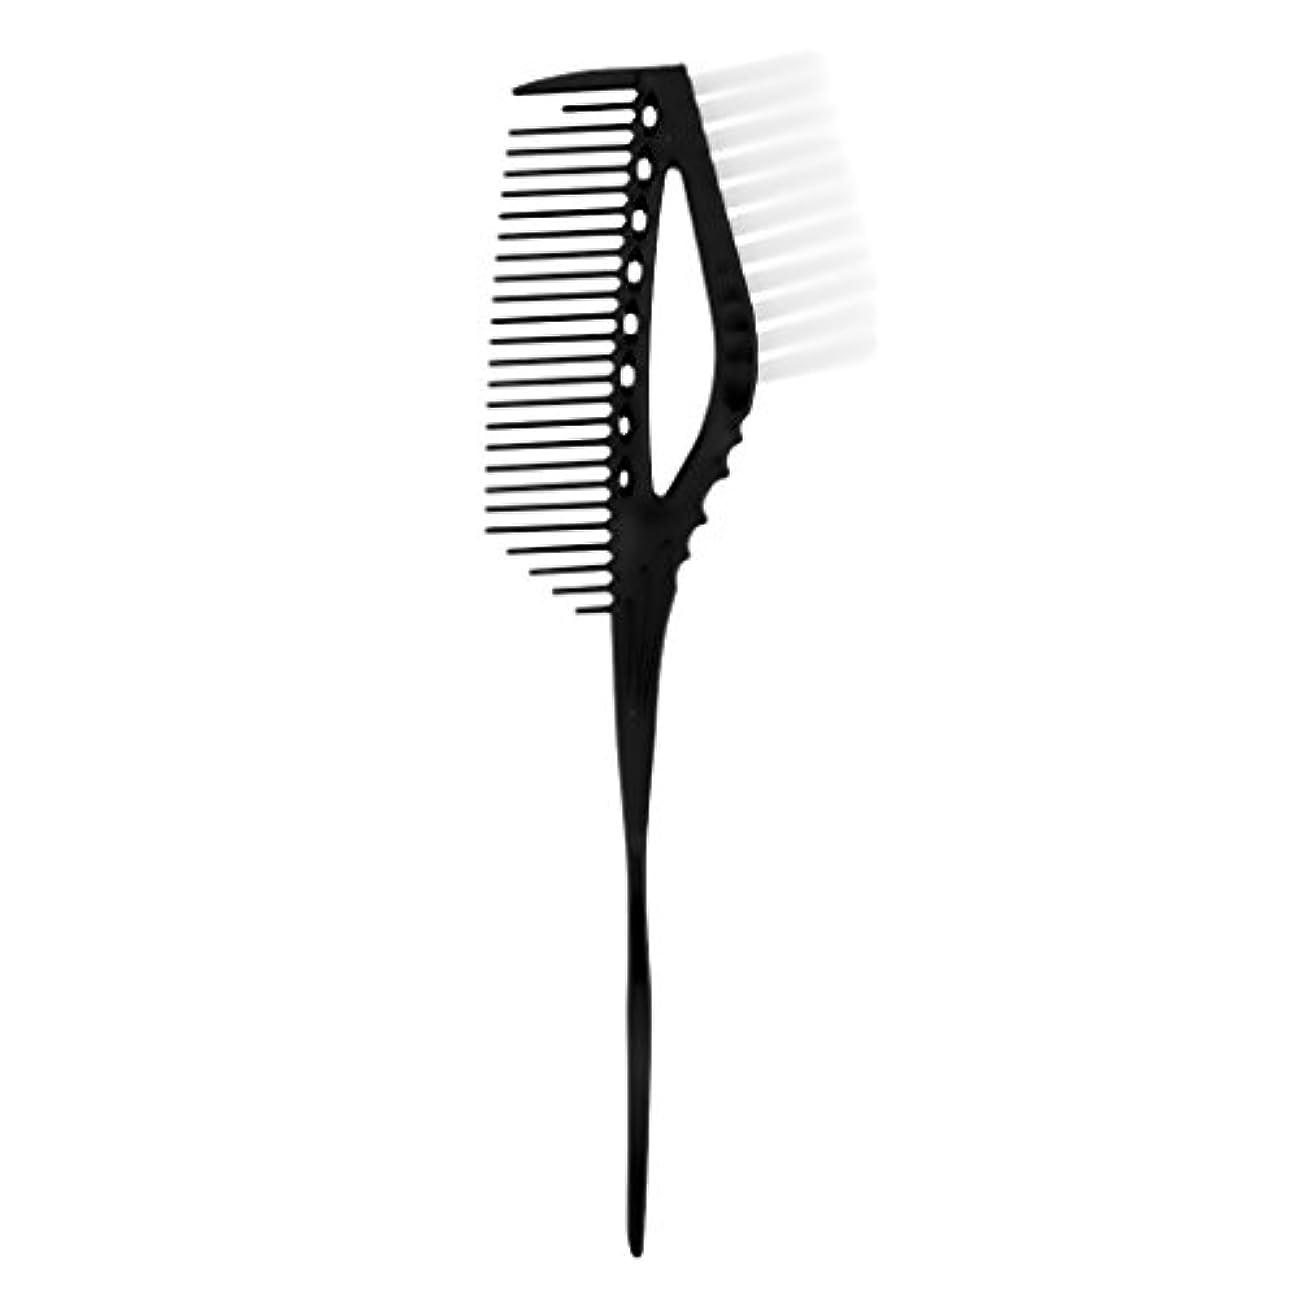 コアおスパンハイライト櫛 ヘアブラシ ヘアカラー ヘアスタイル 色合い 染めブラシ サロン 美容院 ミキシングブラシ 3色選べる - ブラック